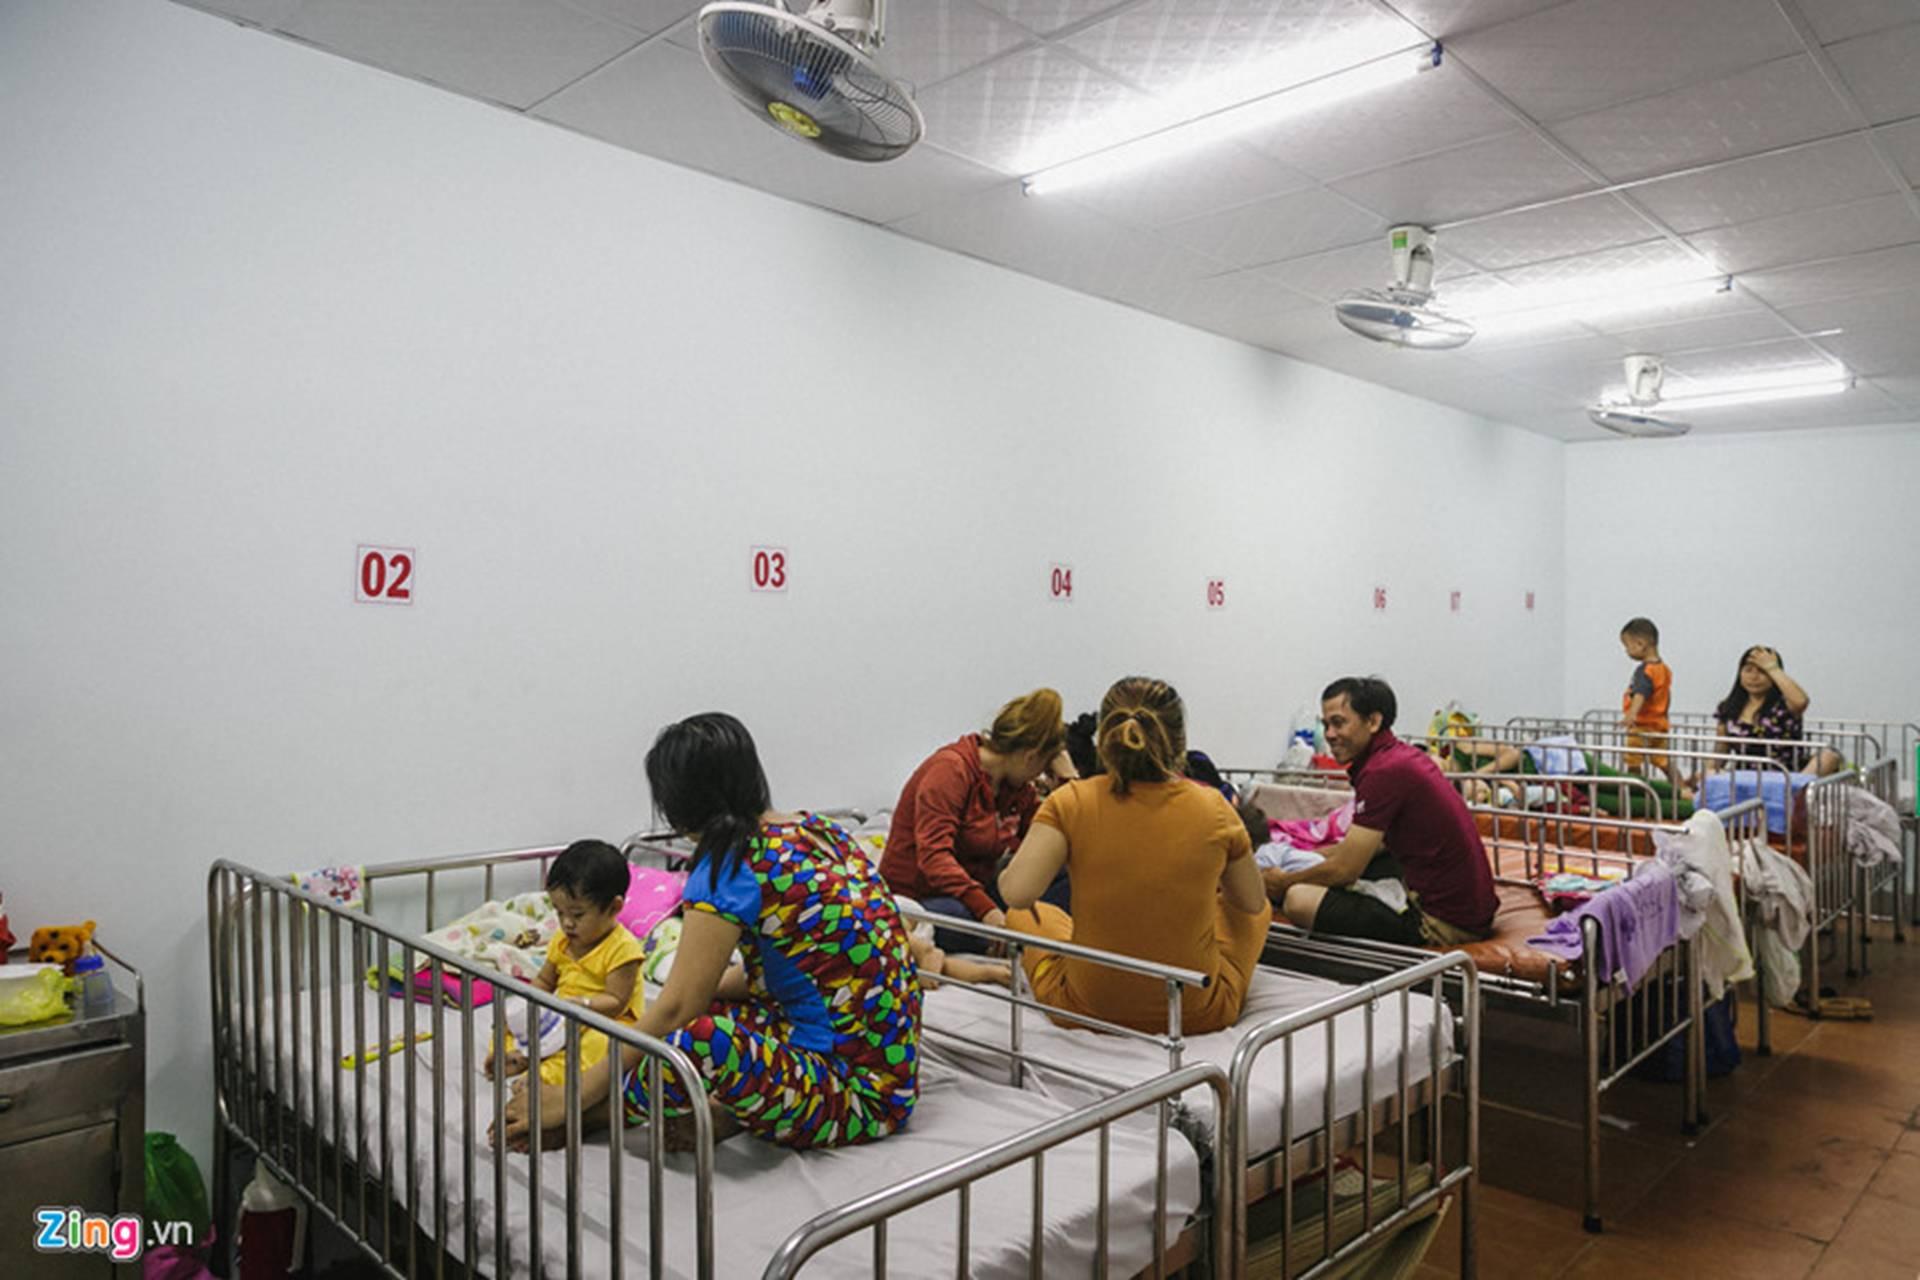 Bệnh viện Nhi ở Sài Gòn vỡ trận vì dịch chồng dịch-25